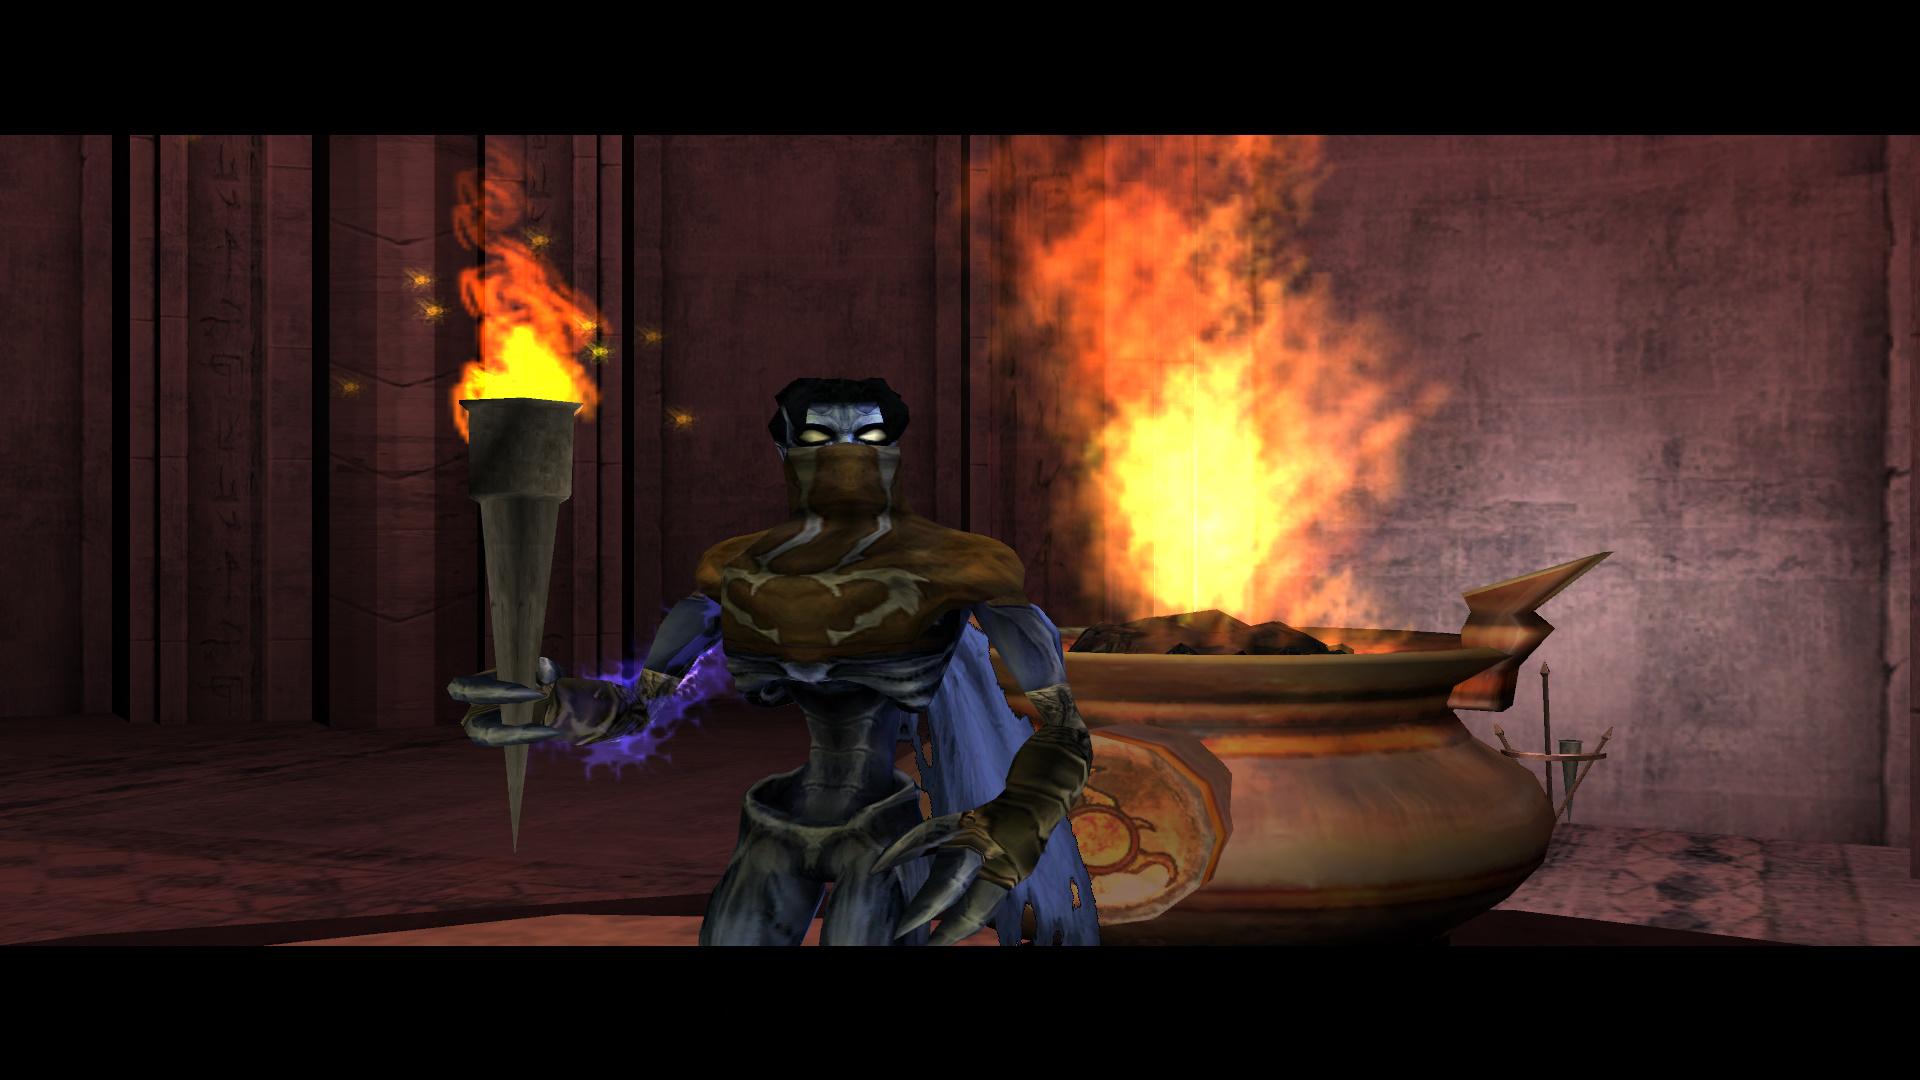 sr2 2019-05-17 21-54-07-403.jpg - Legacy of Kain: Soul Reaver 2